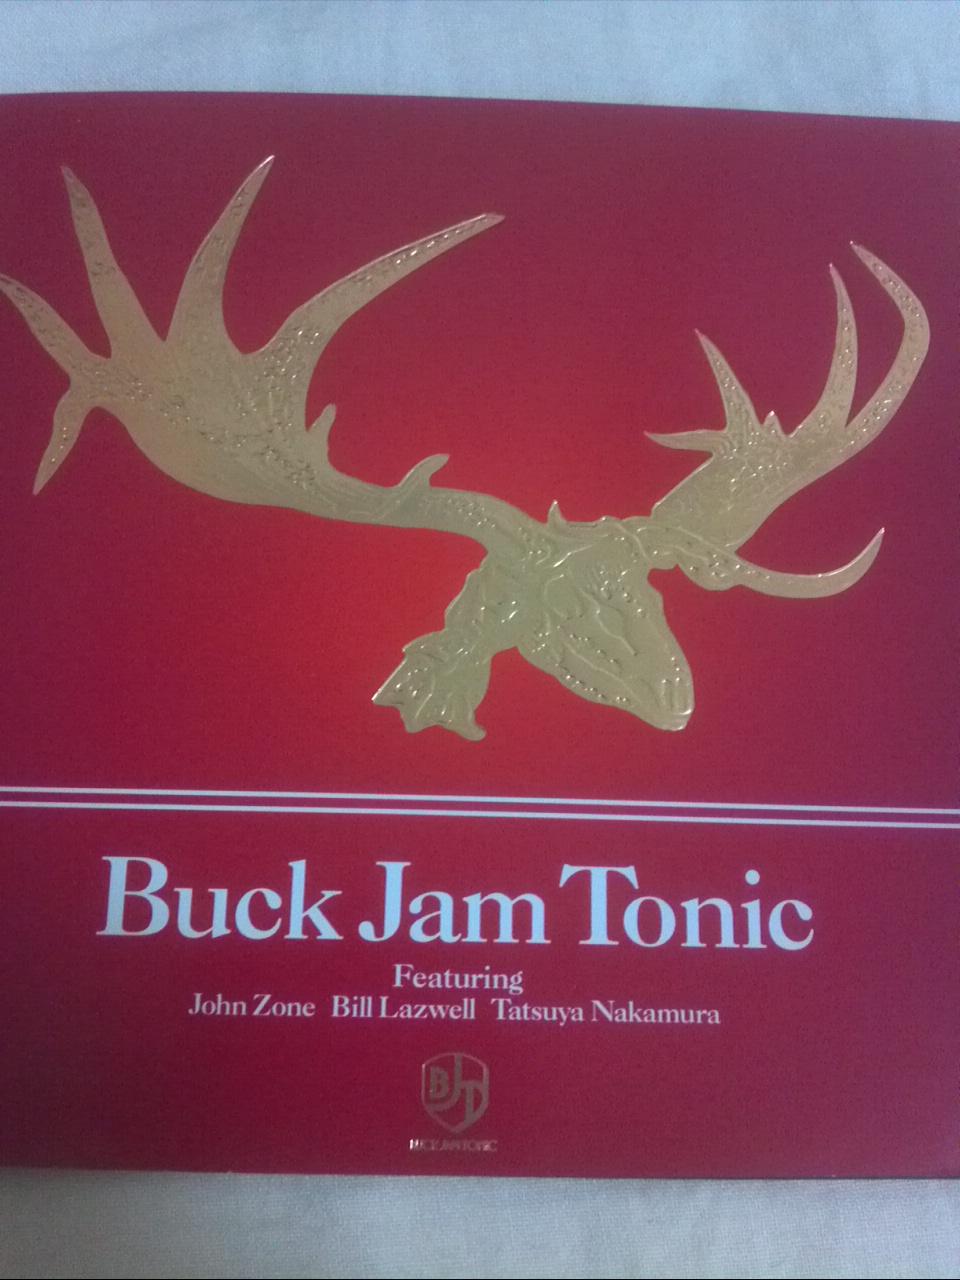 Back jam tonic